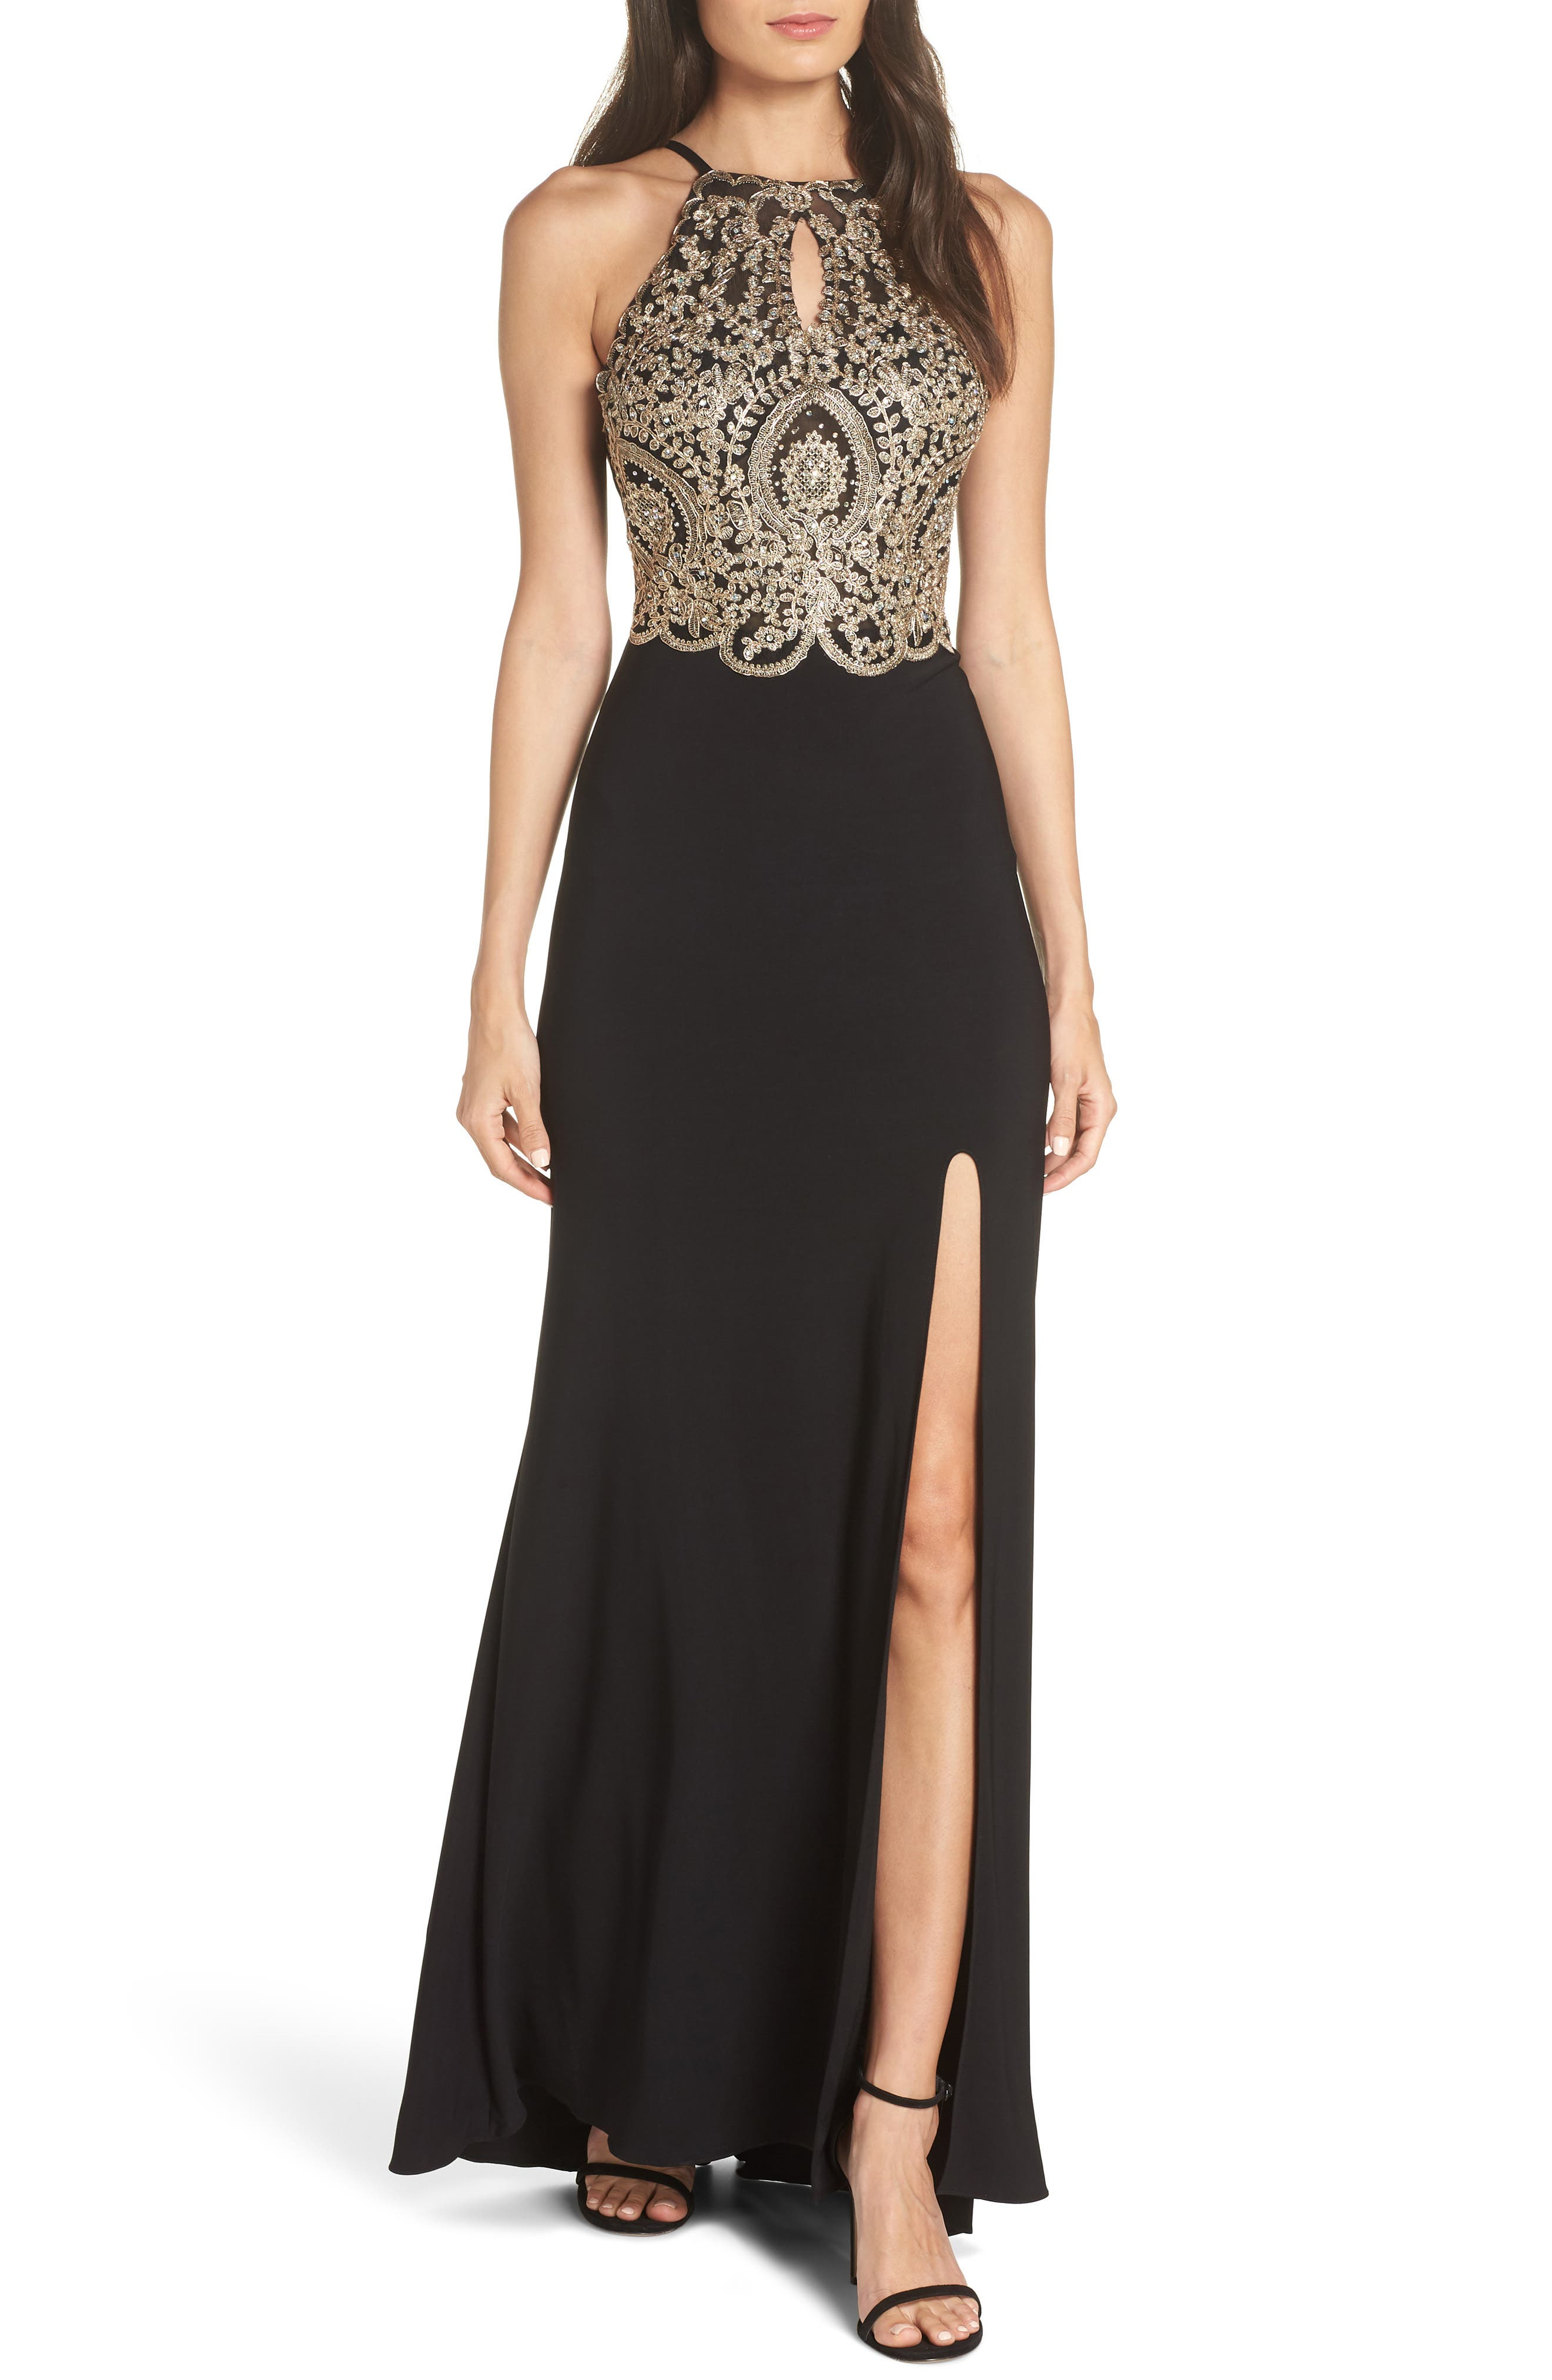 BLONDIE NITES Embellished Appliqué Halter Gown, Main, color, BLACK/ GOLD